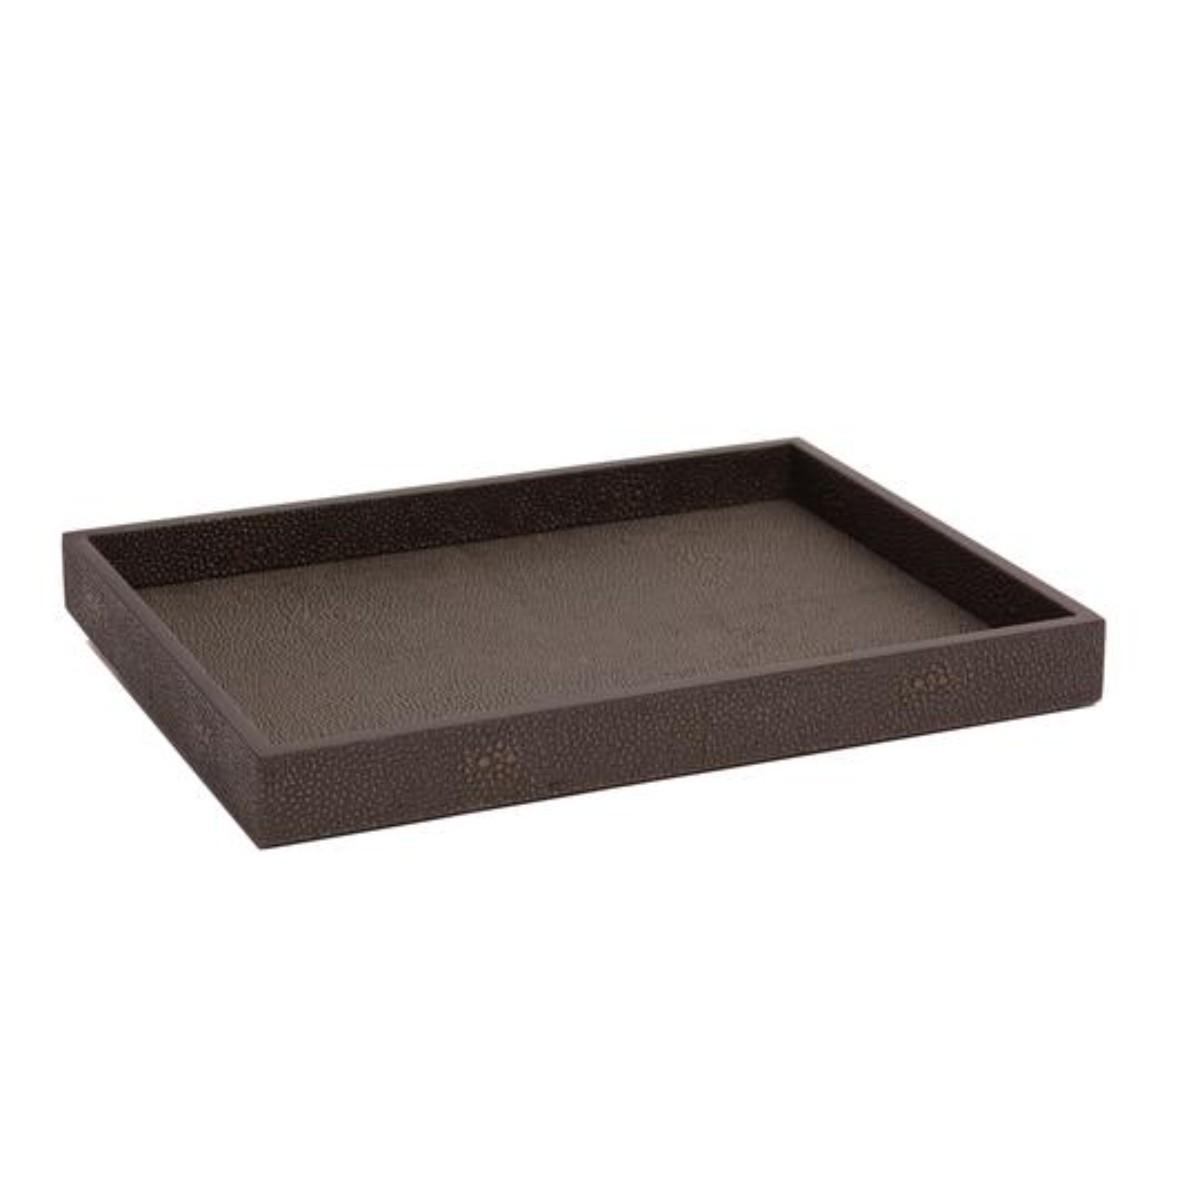 Posh Trading I Chelsea Medium Tray   Chocolate Shagreen